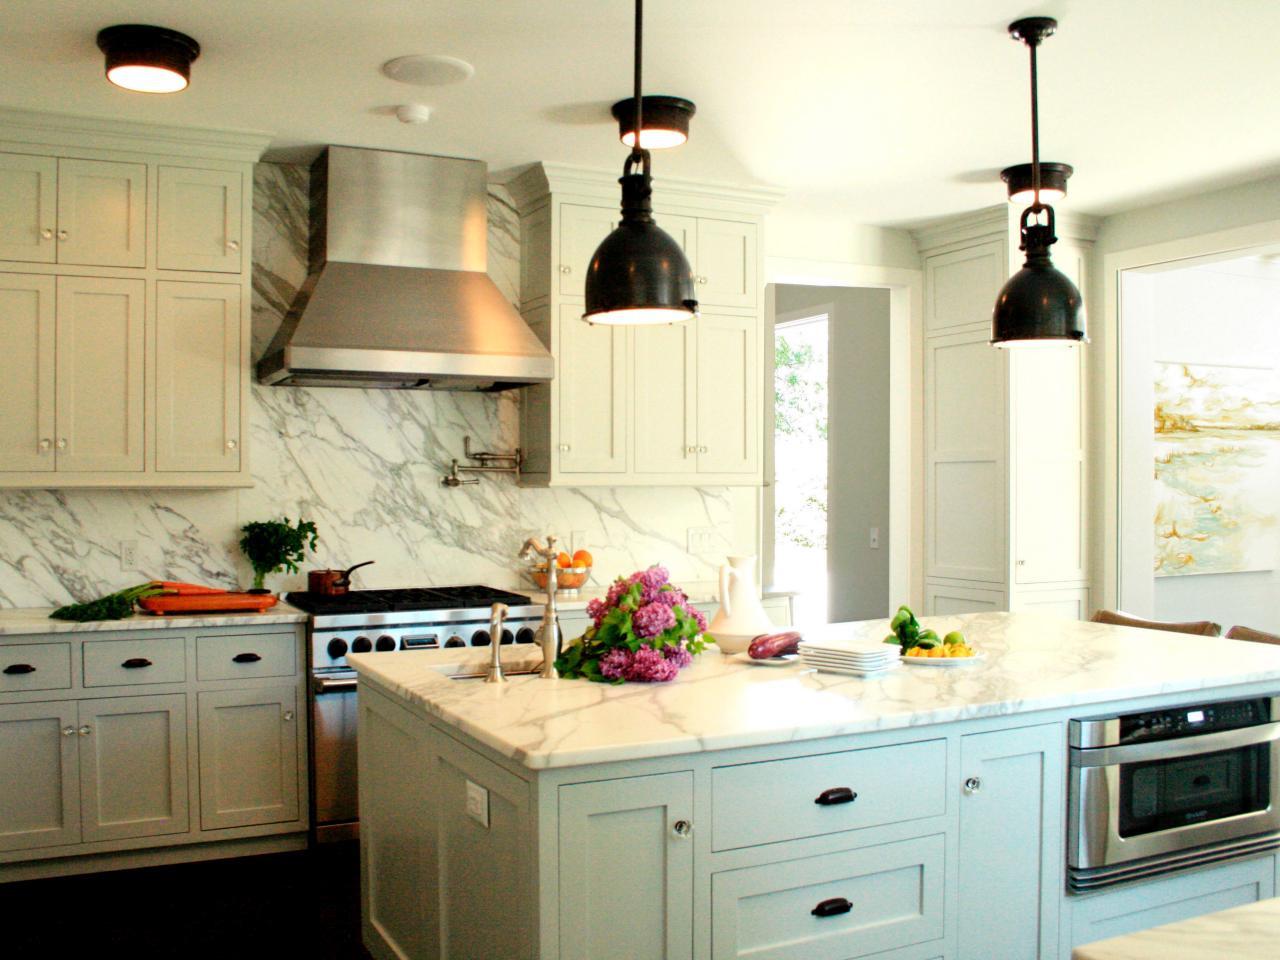 lắp đặt đèn hợp lý cho nhà bếp đẹp